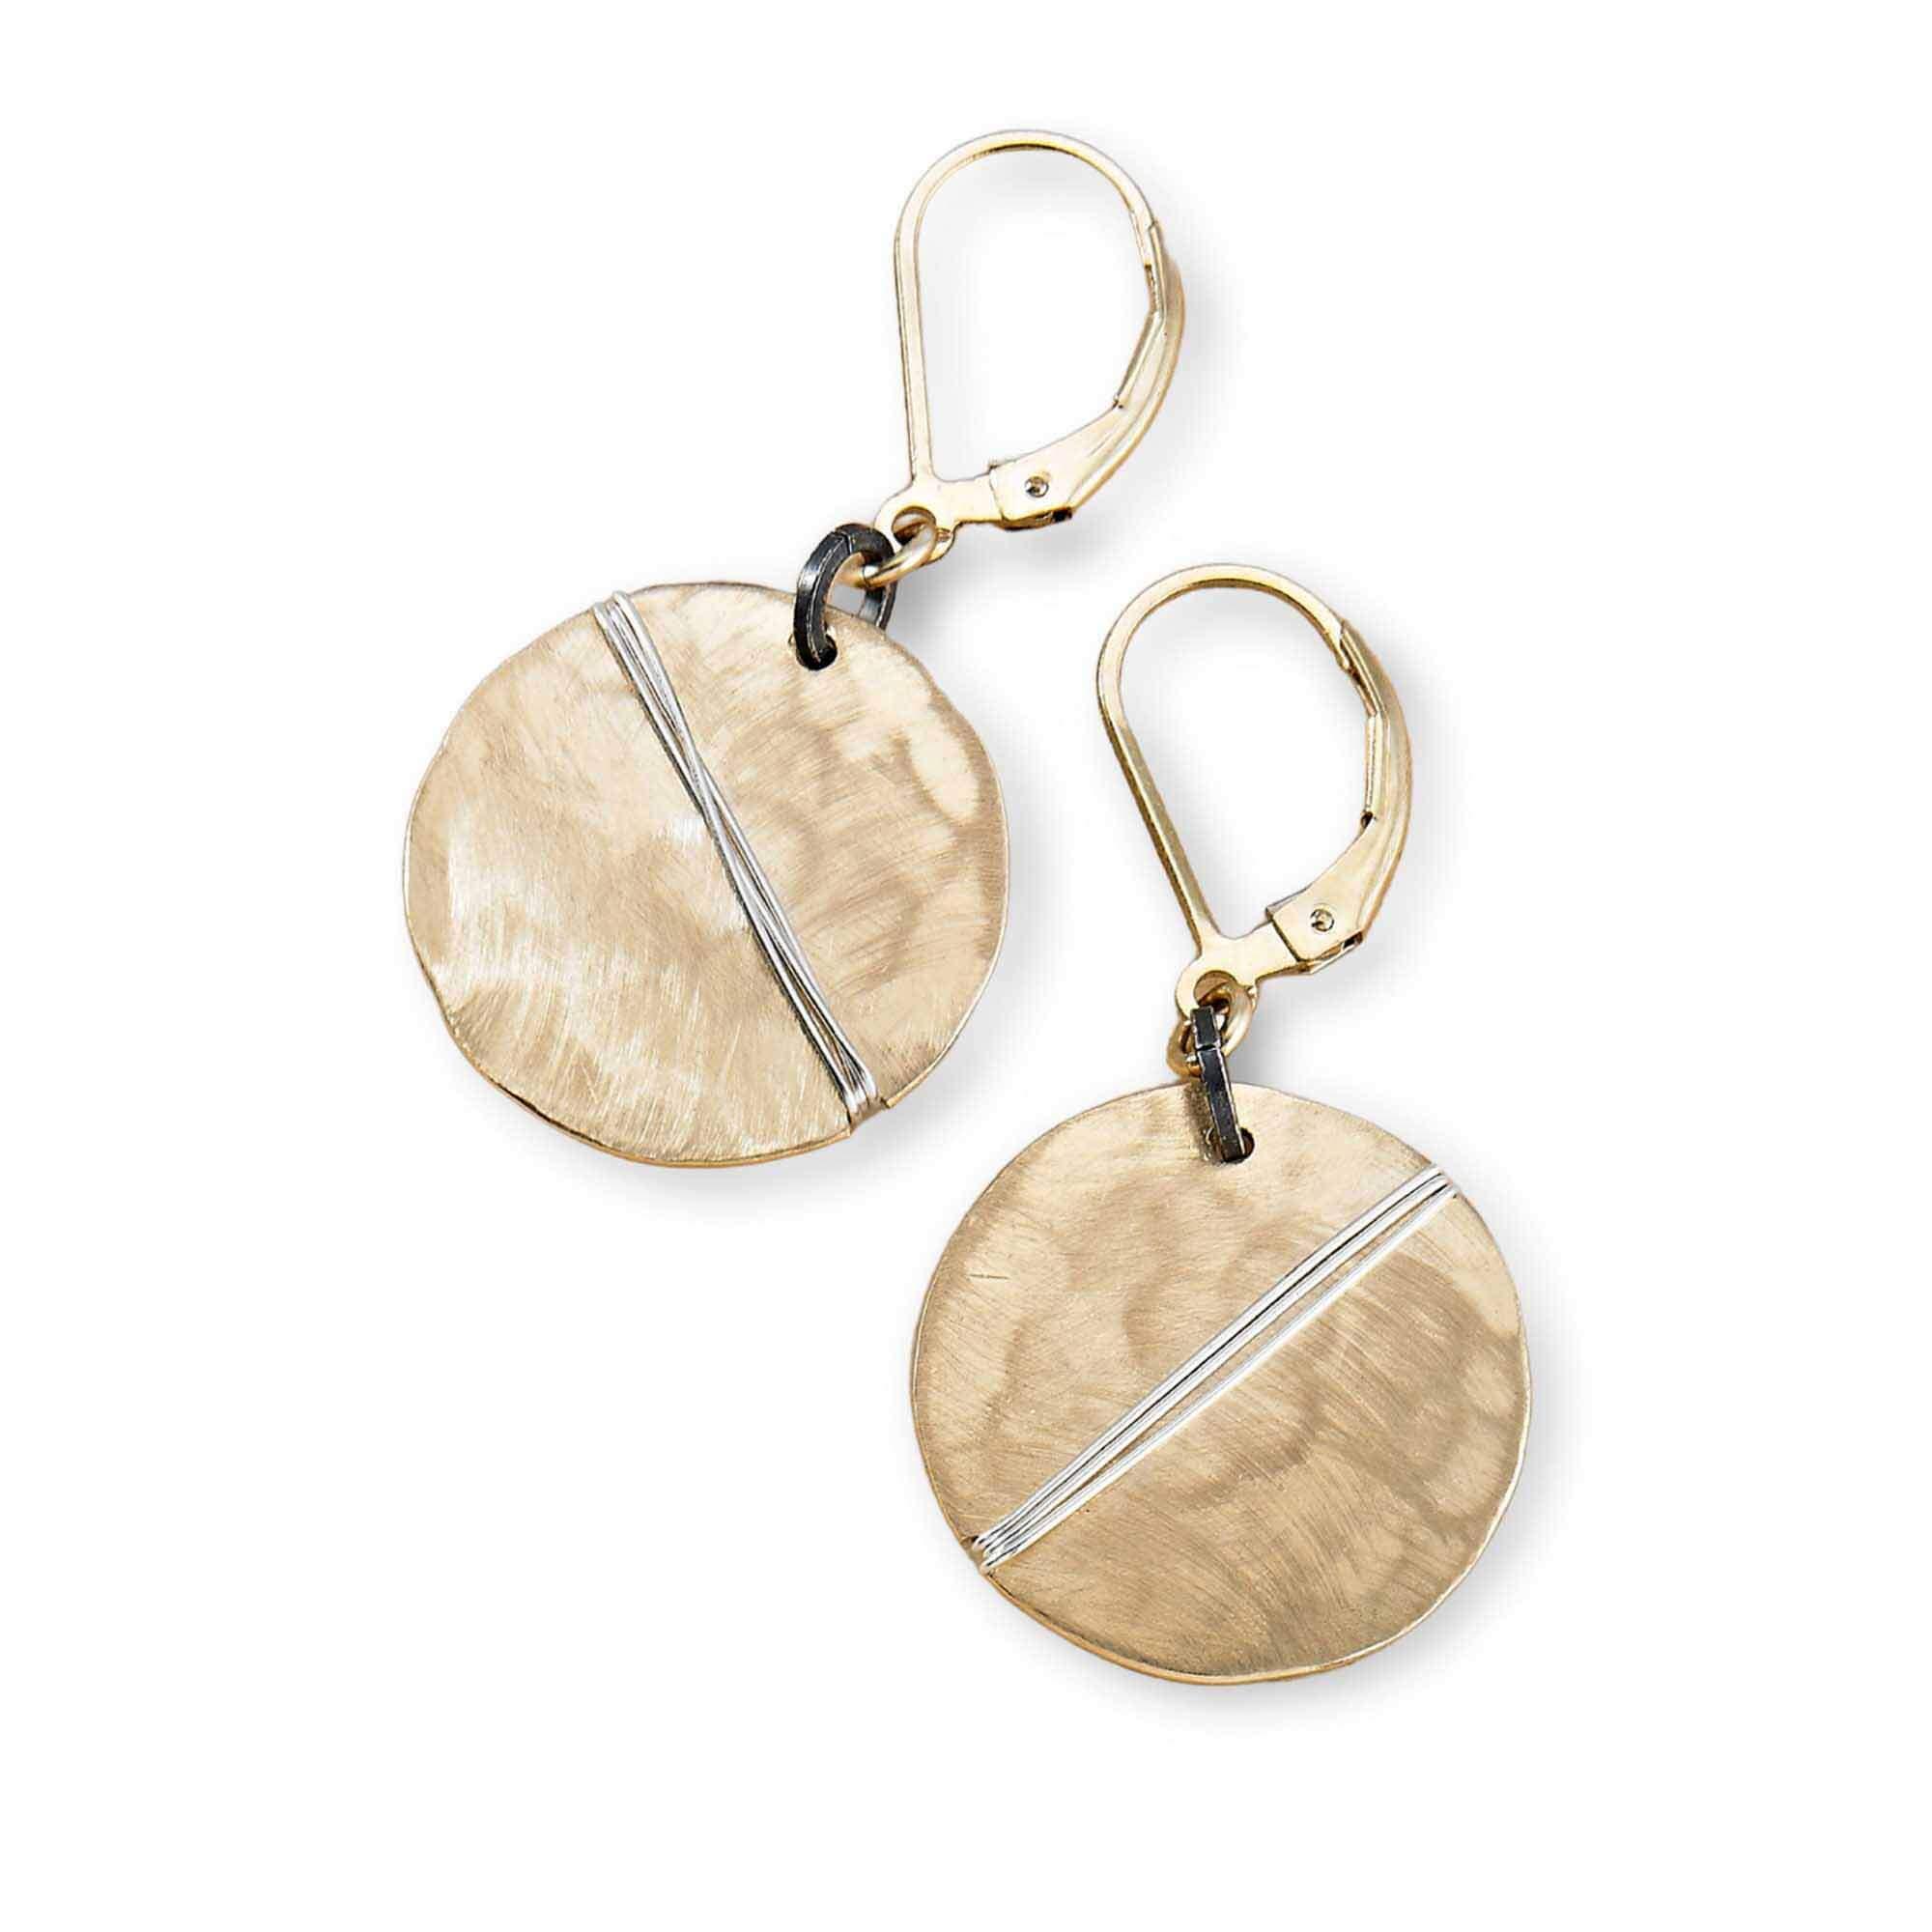 Shield earrings from Freshie & Zero